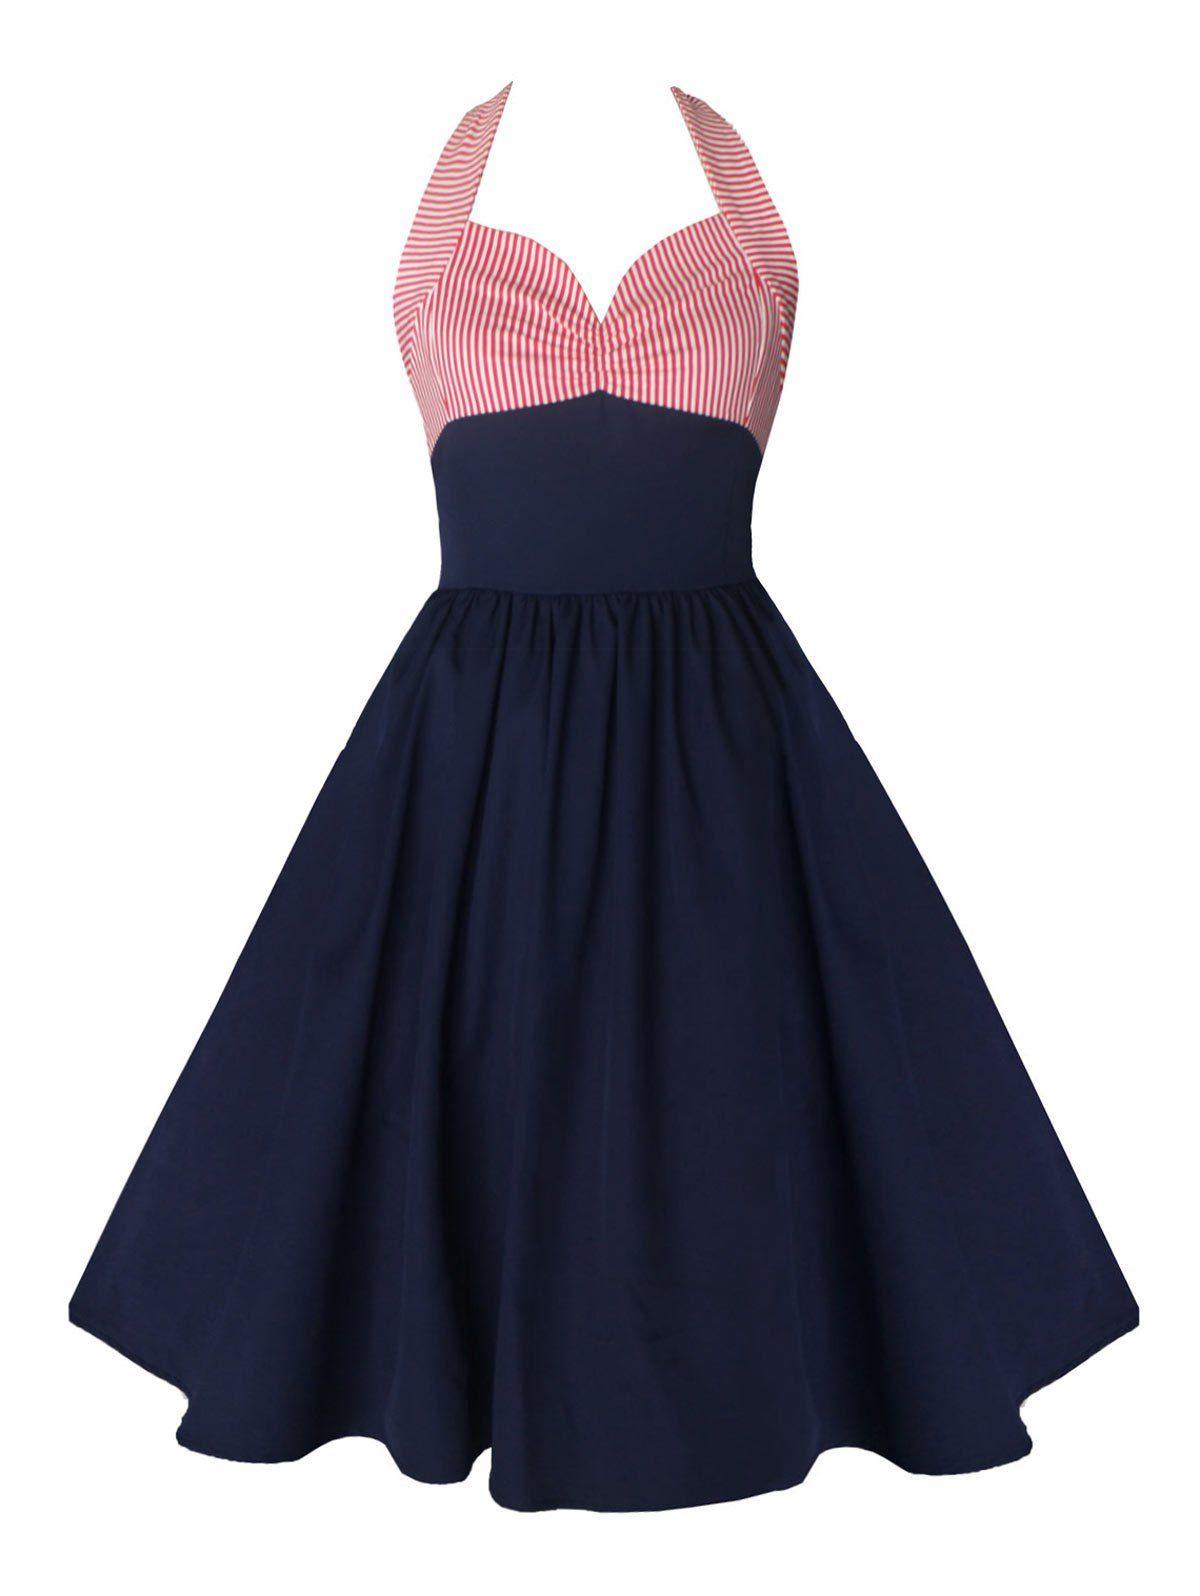 Vintage halter striped backless dress backless dresses vintage